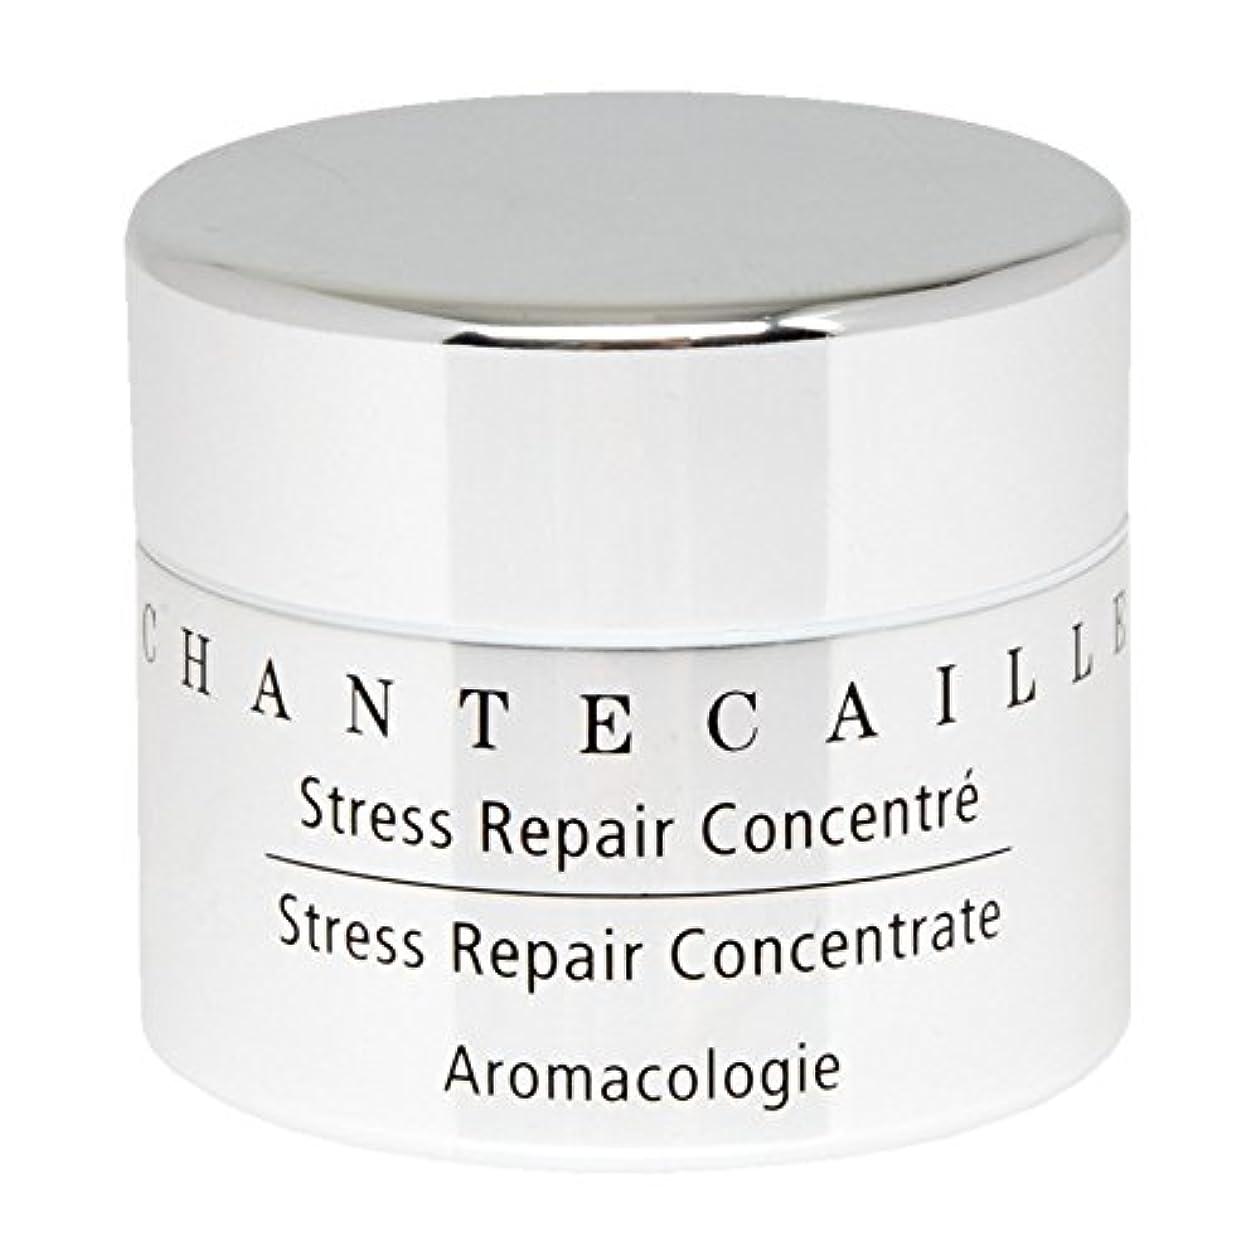 建築絞るユーモアシャンテカイユストレス修復濃縮15ミリリットル x4 - Chantecaille Stress Repair Concentrate 15ml (Pack of 4) [並行輸入品]